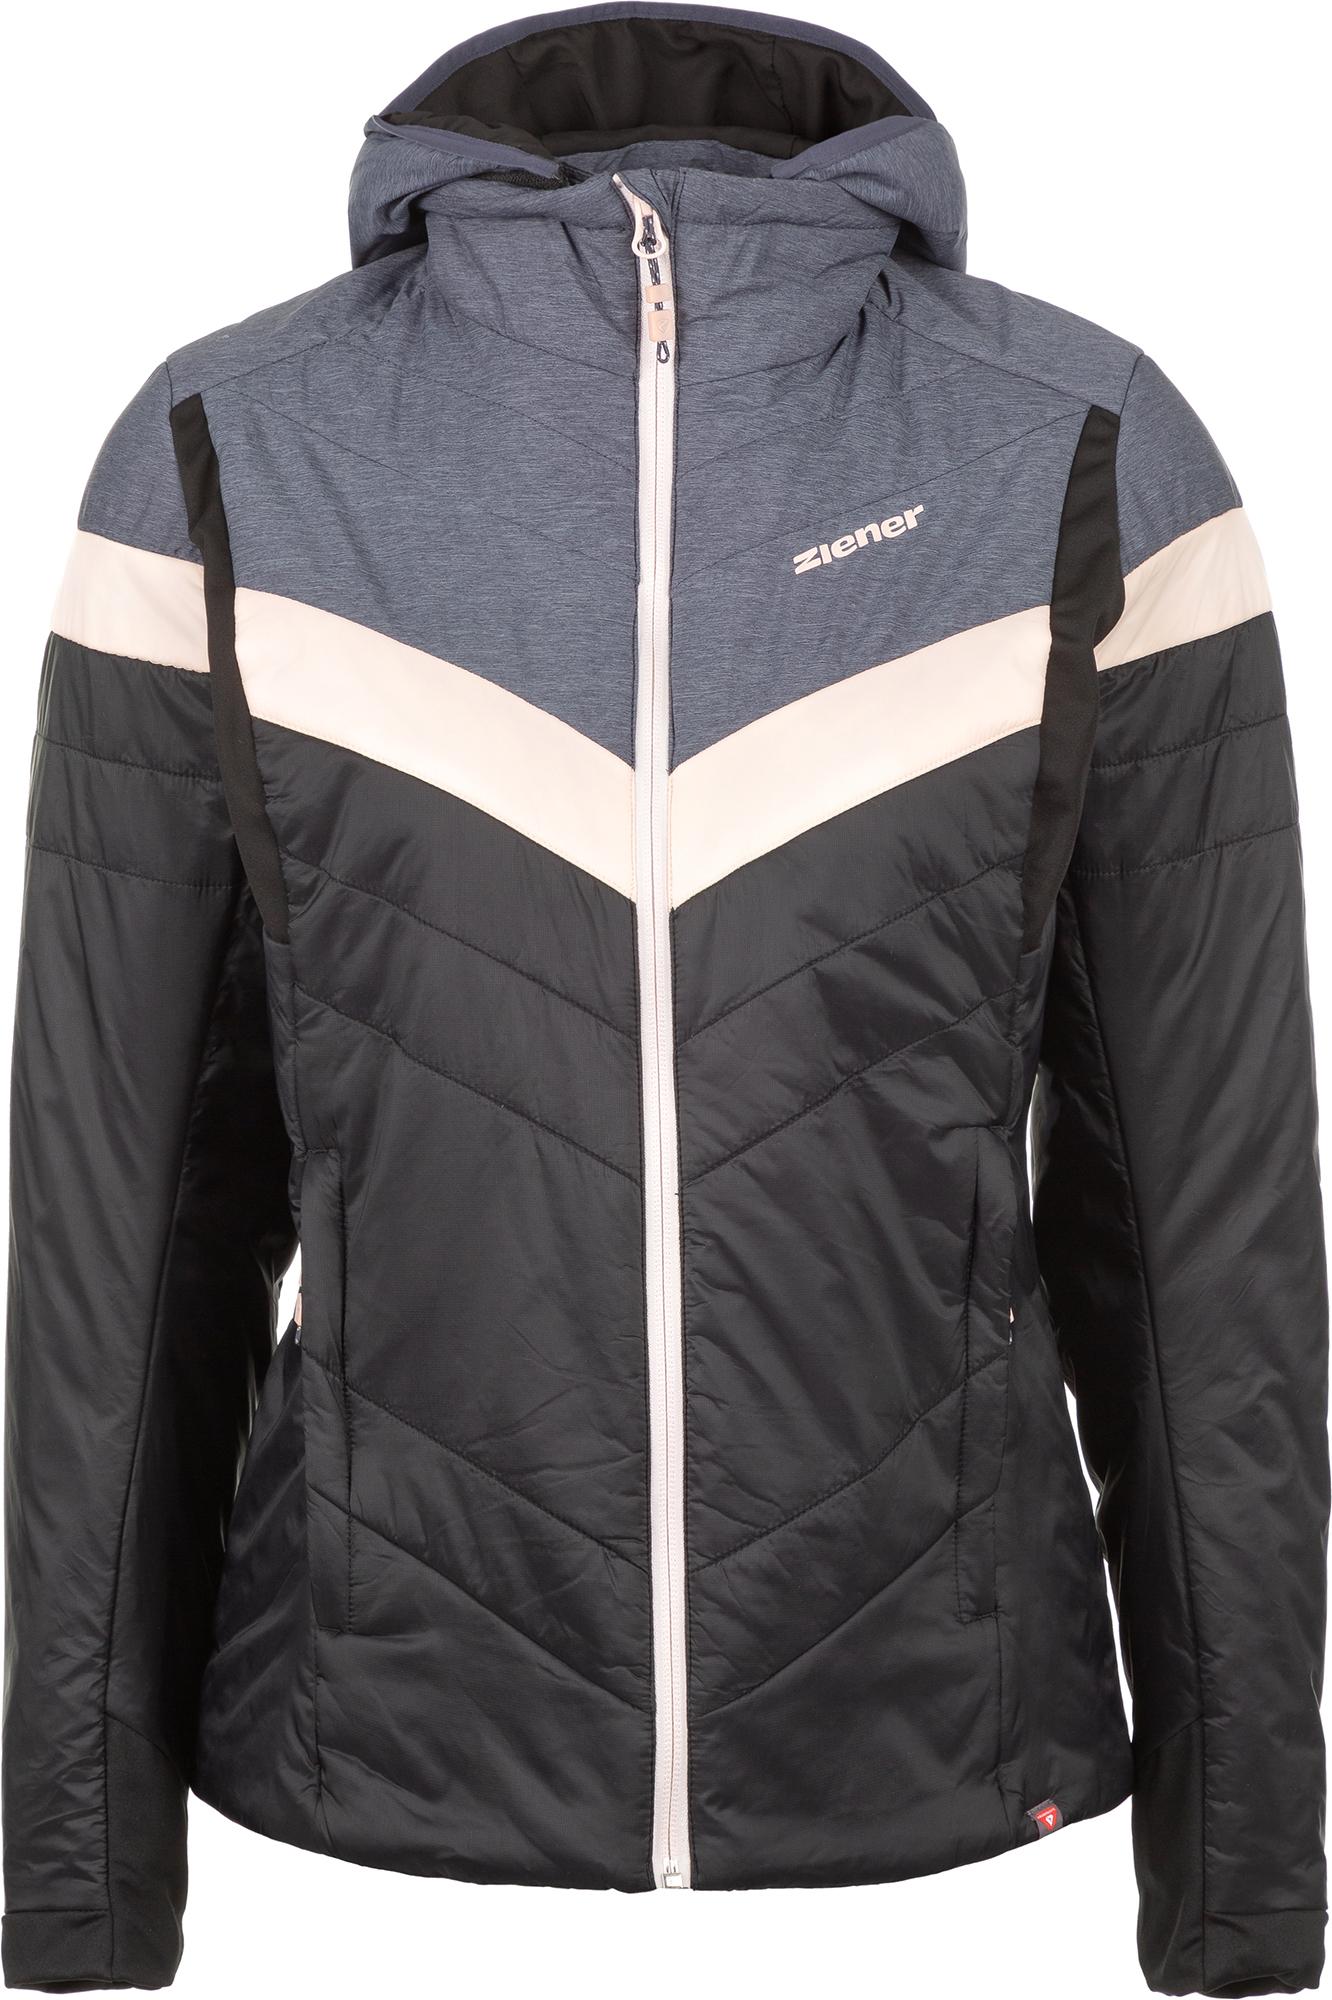 Ziener Куртка утепленная женская Ziener Nafalda, размер 42